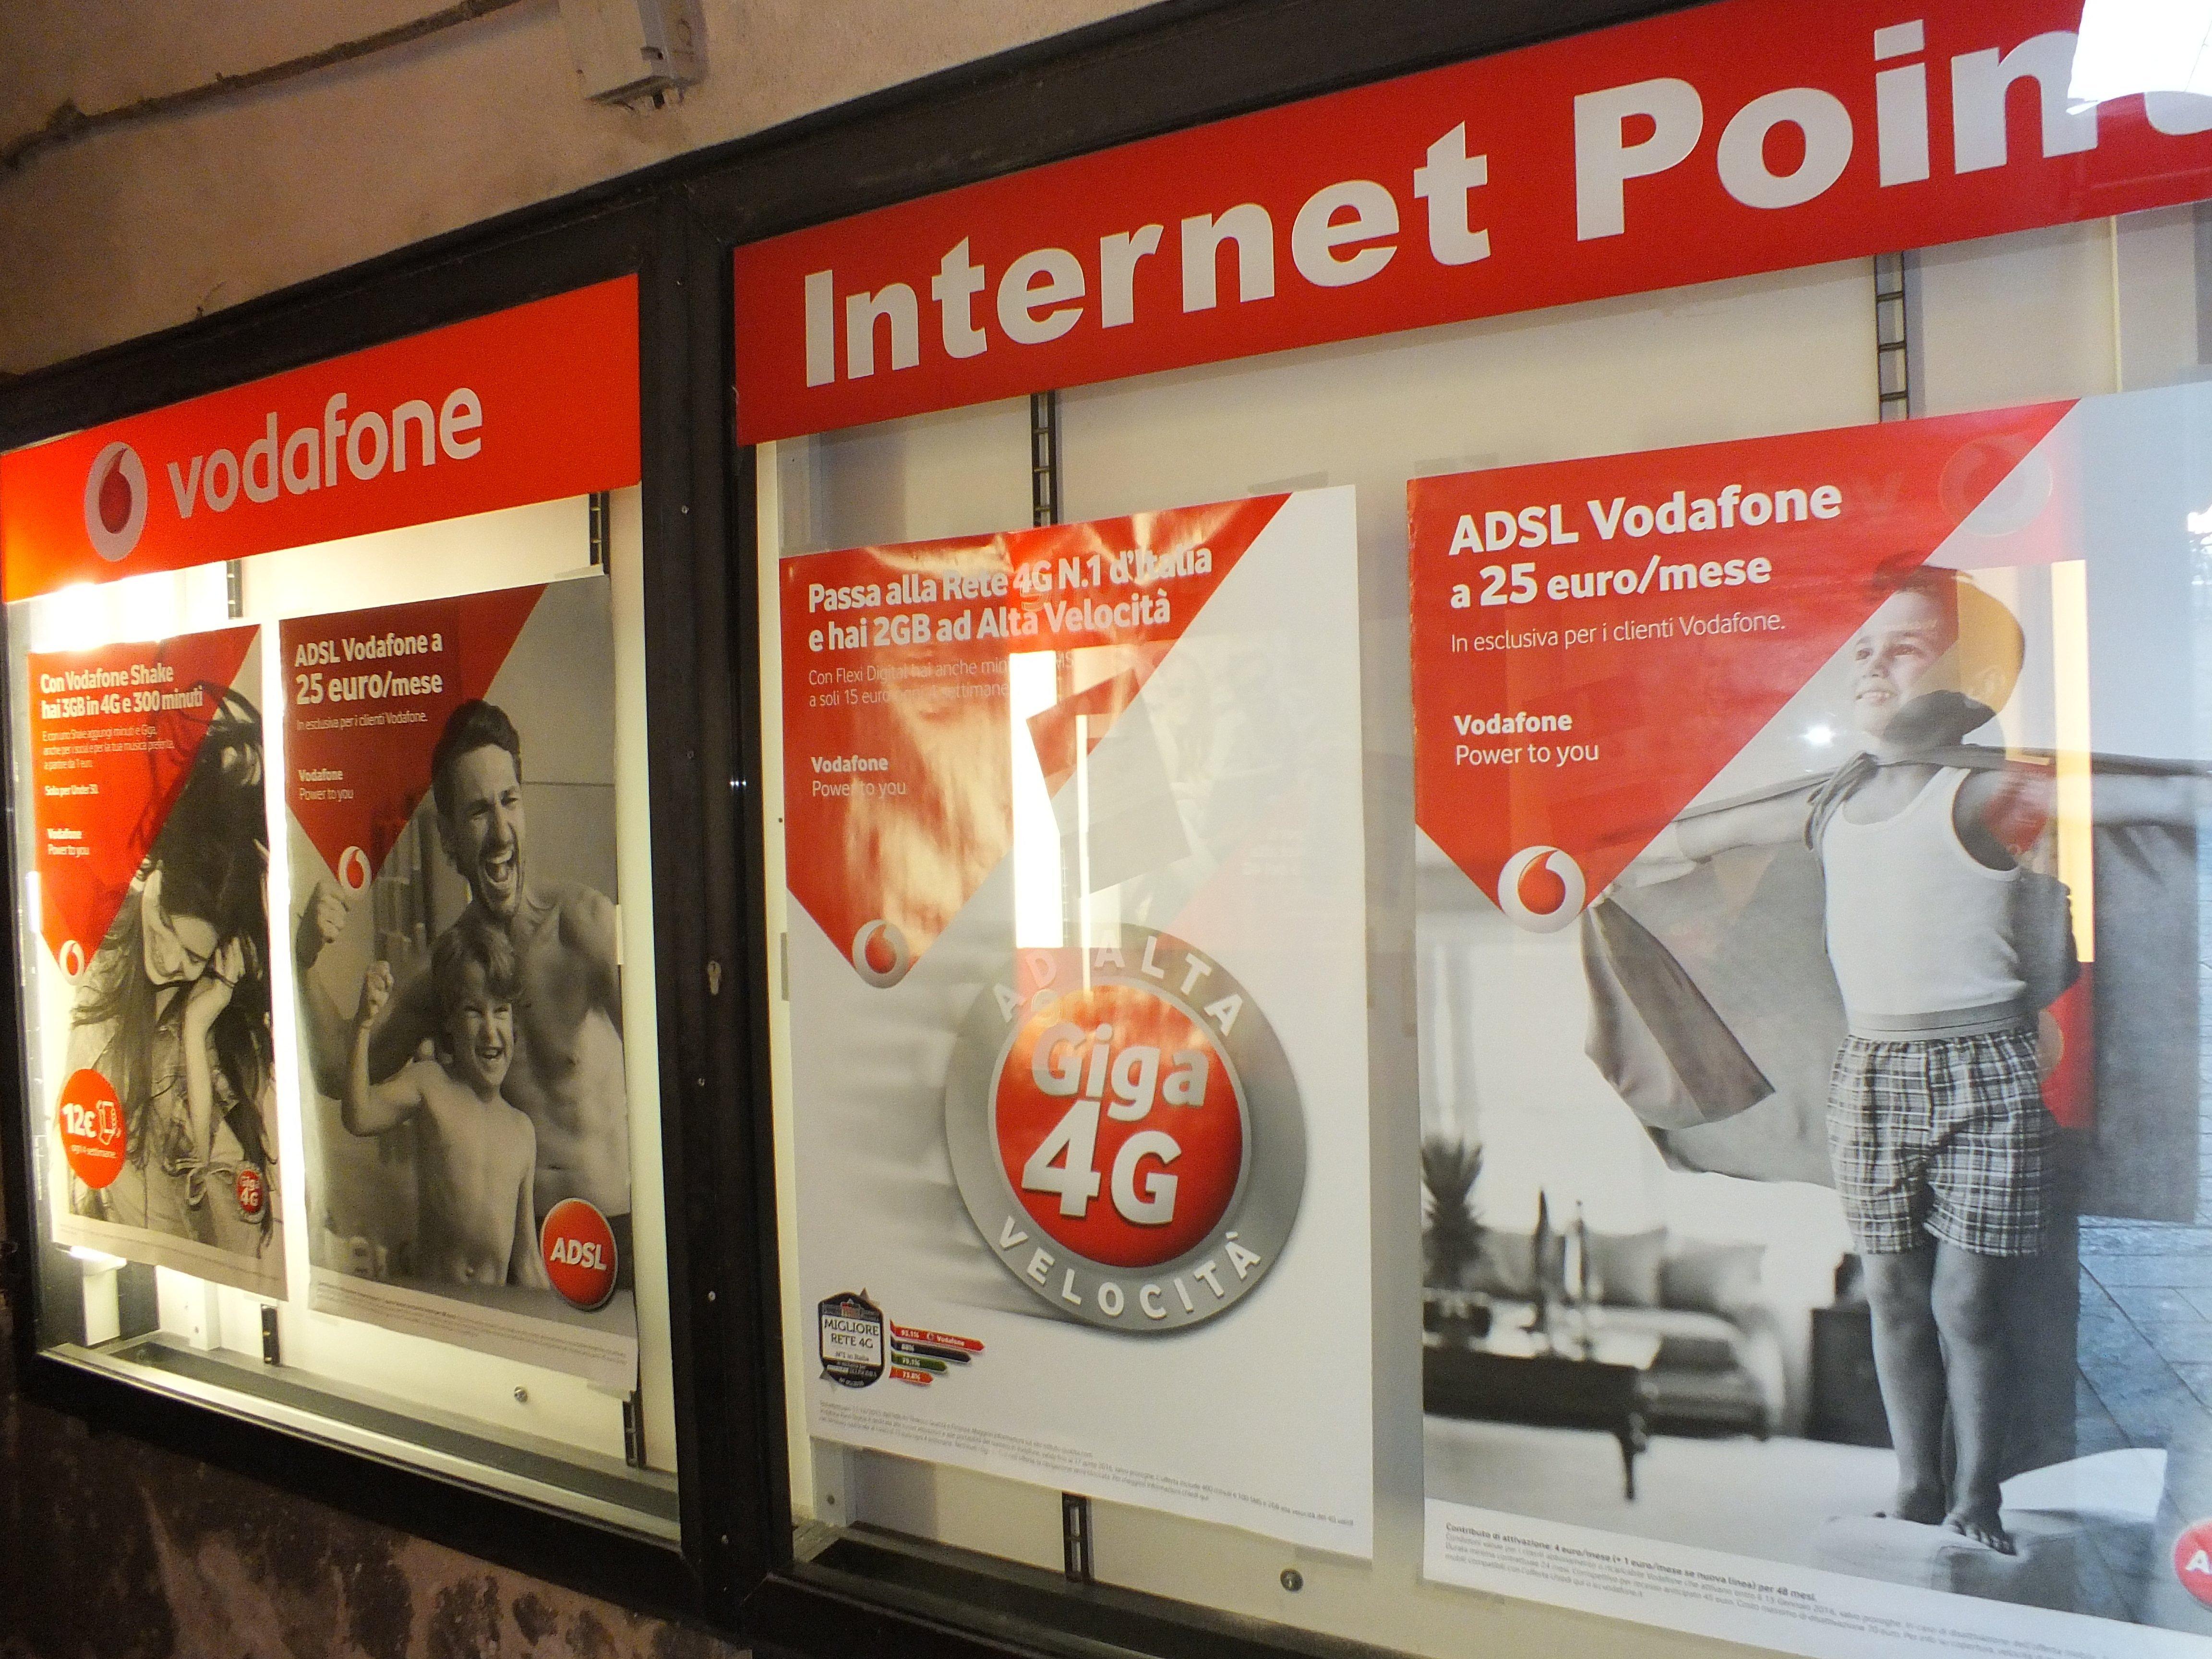 vetrina con scritto Vodafone Internet Point con delle brochure che spiegano i piani tariffari relativi a interneta Varazze, SV